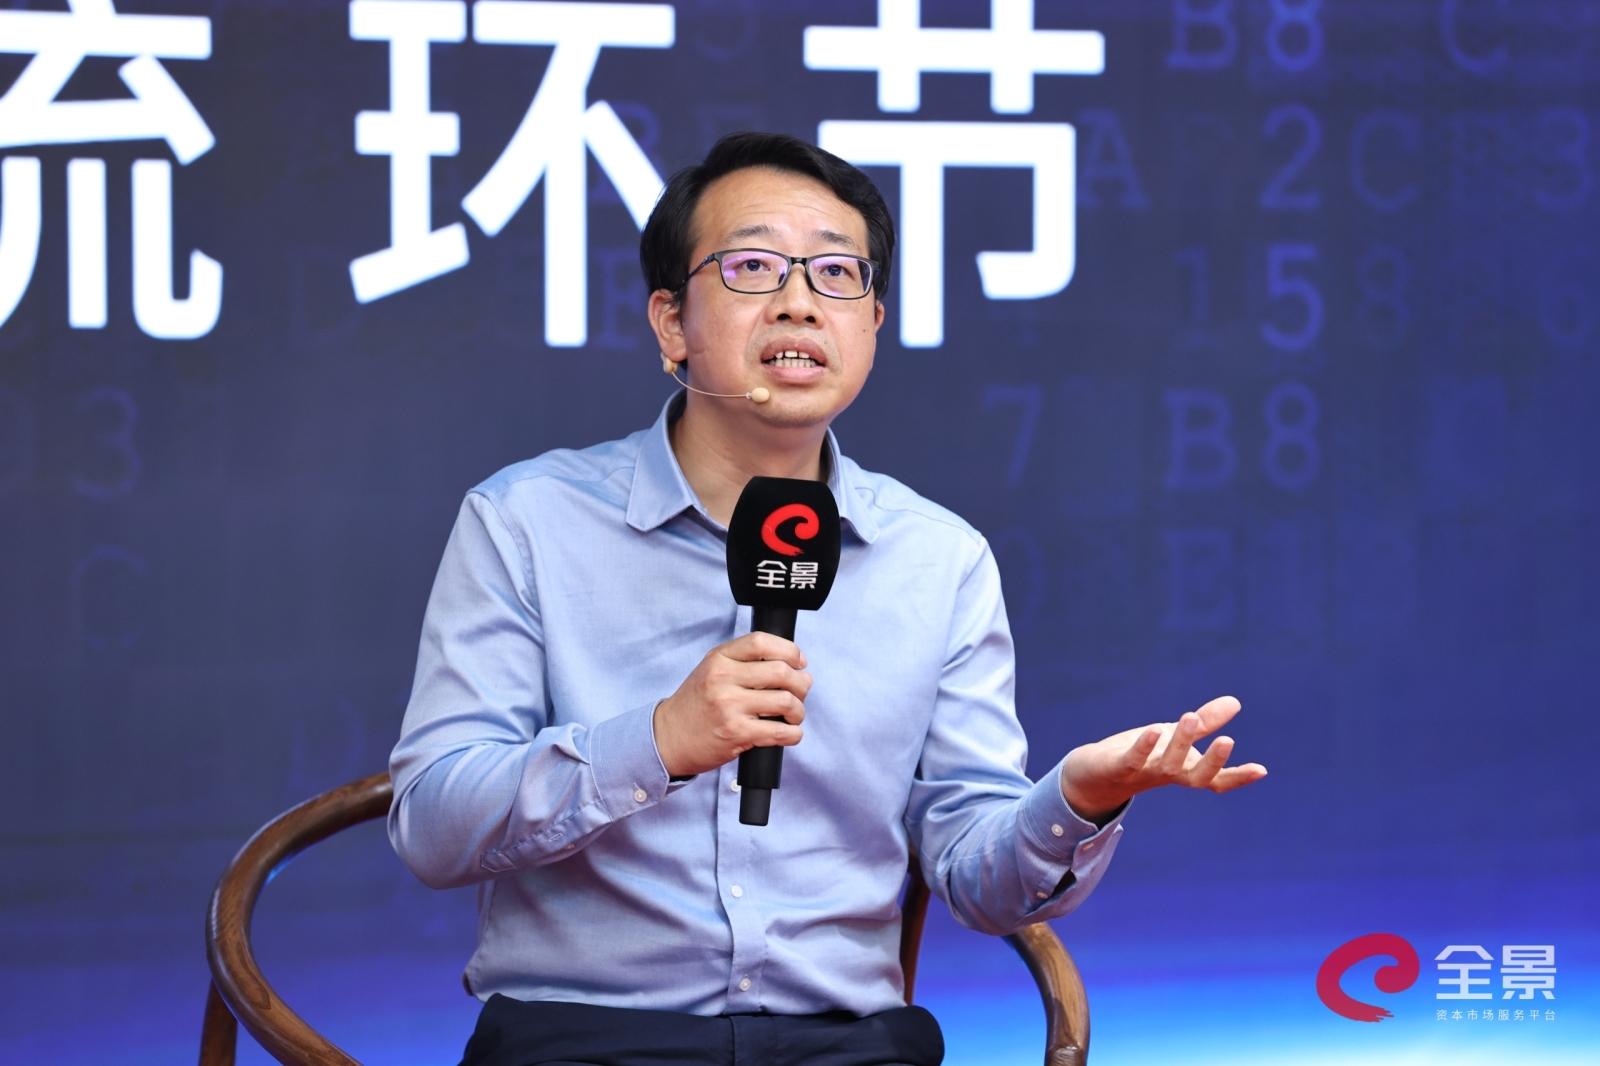 [快讯]招商基金研究部首席经济学家李湛:十年后我国劳动力人口将净减少1亿人